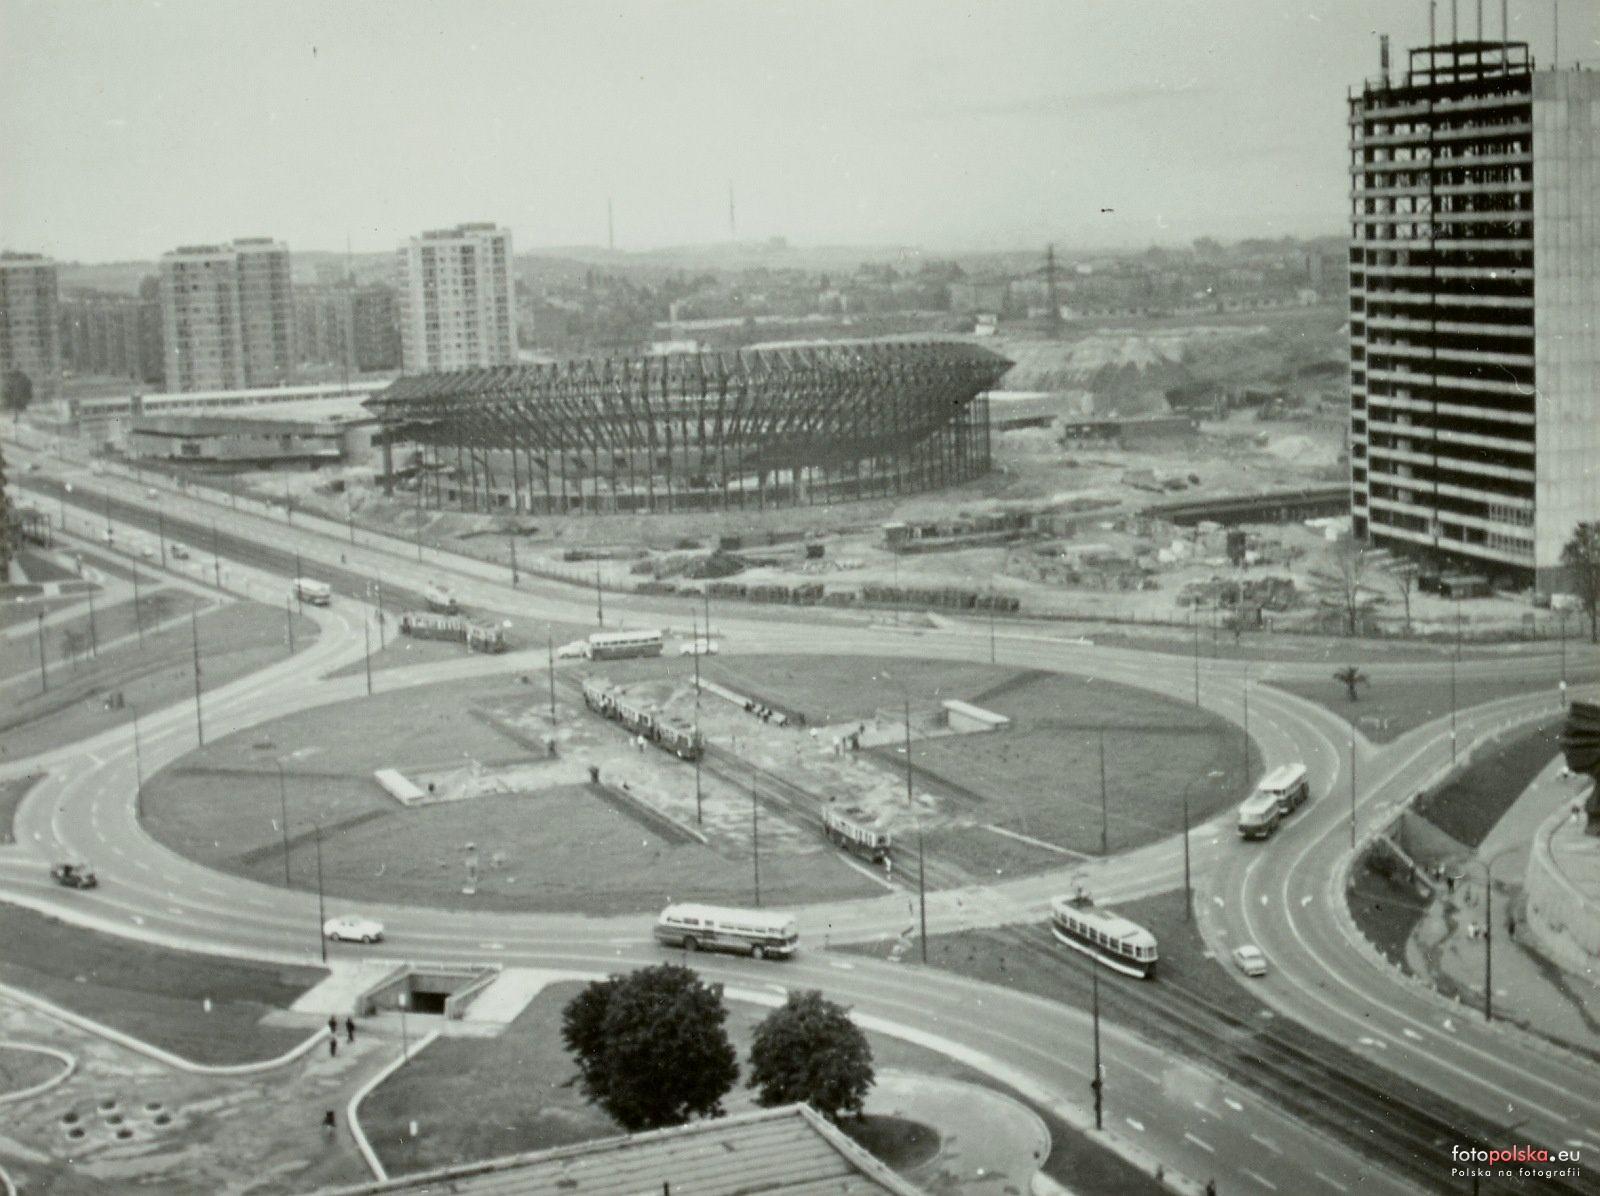 rondo - nowy środek ciężkości miasta